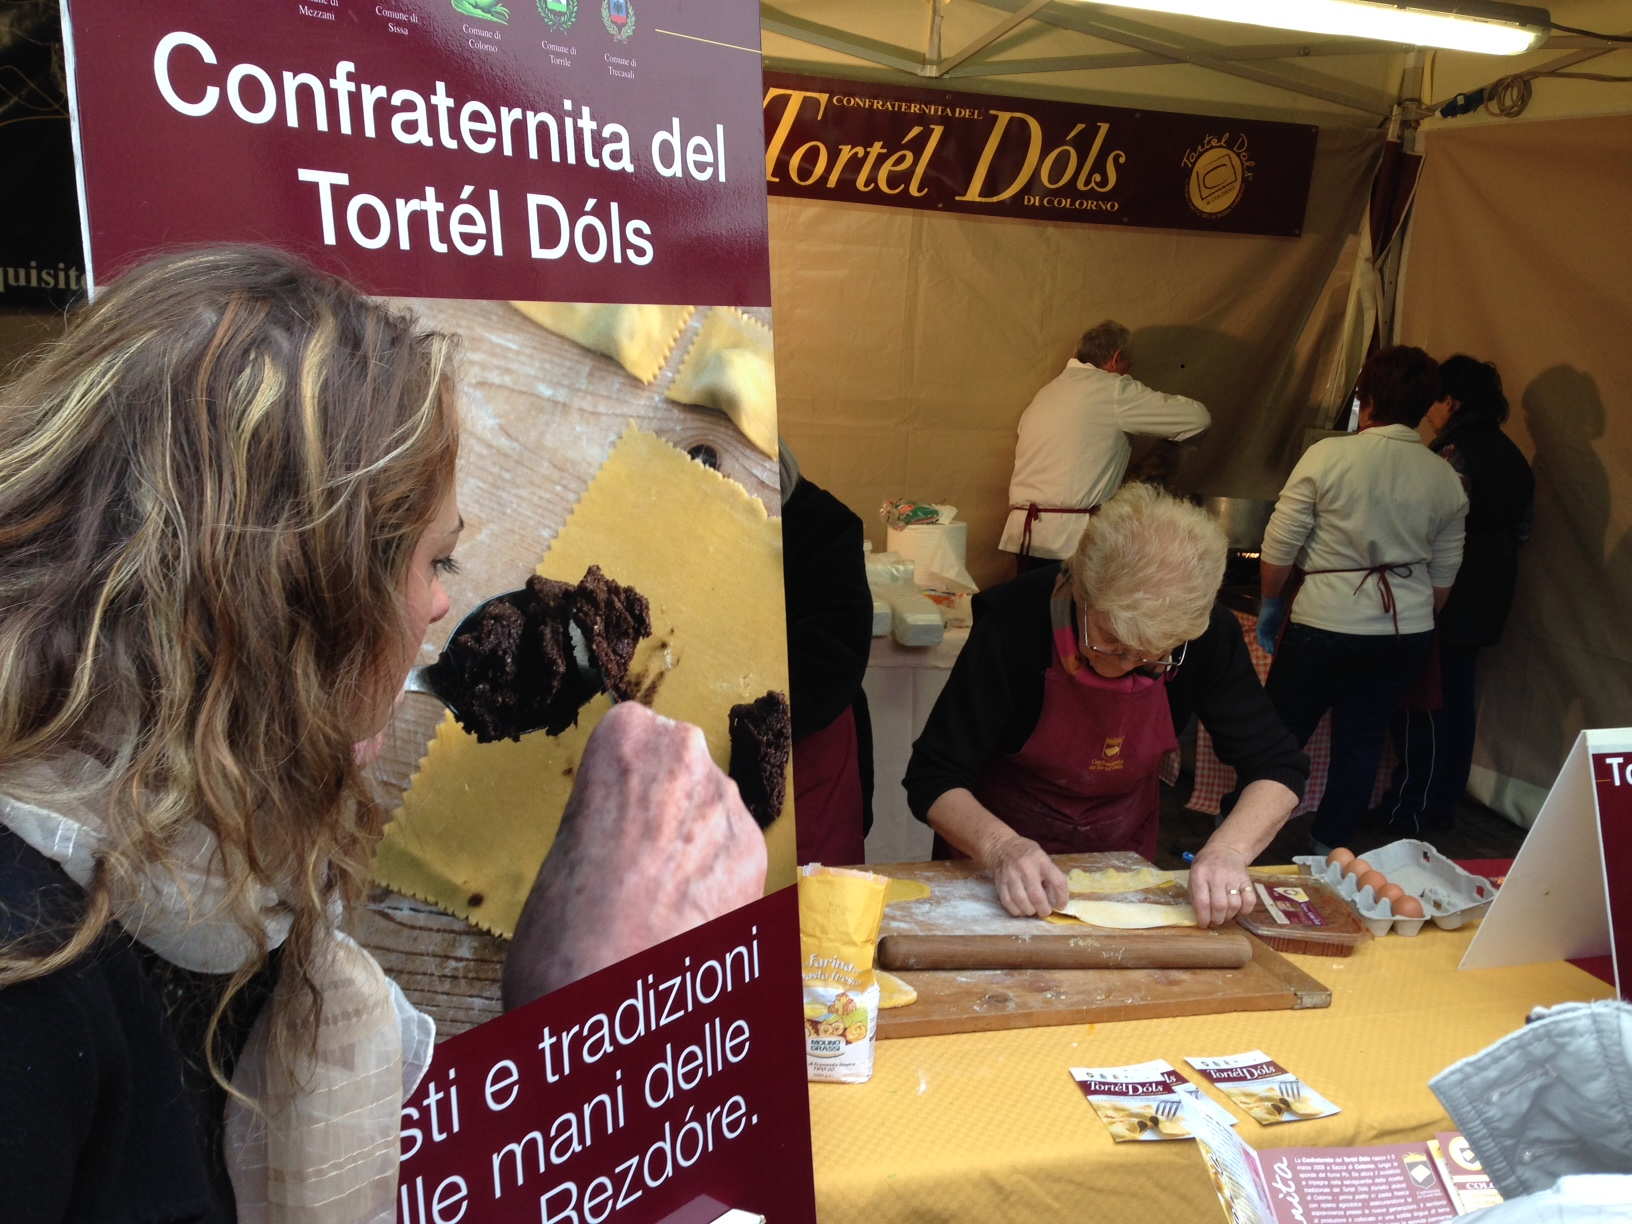 November Porc 2014 – Tortél Dóls a Zibello